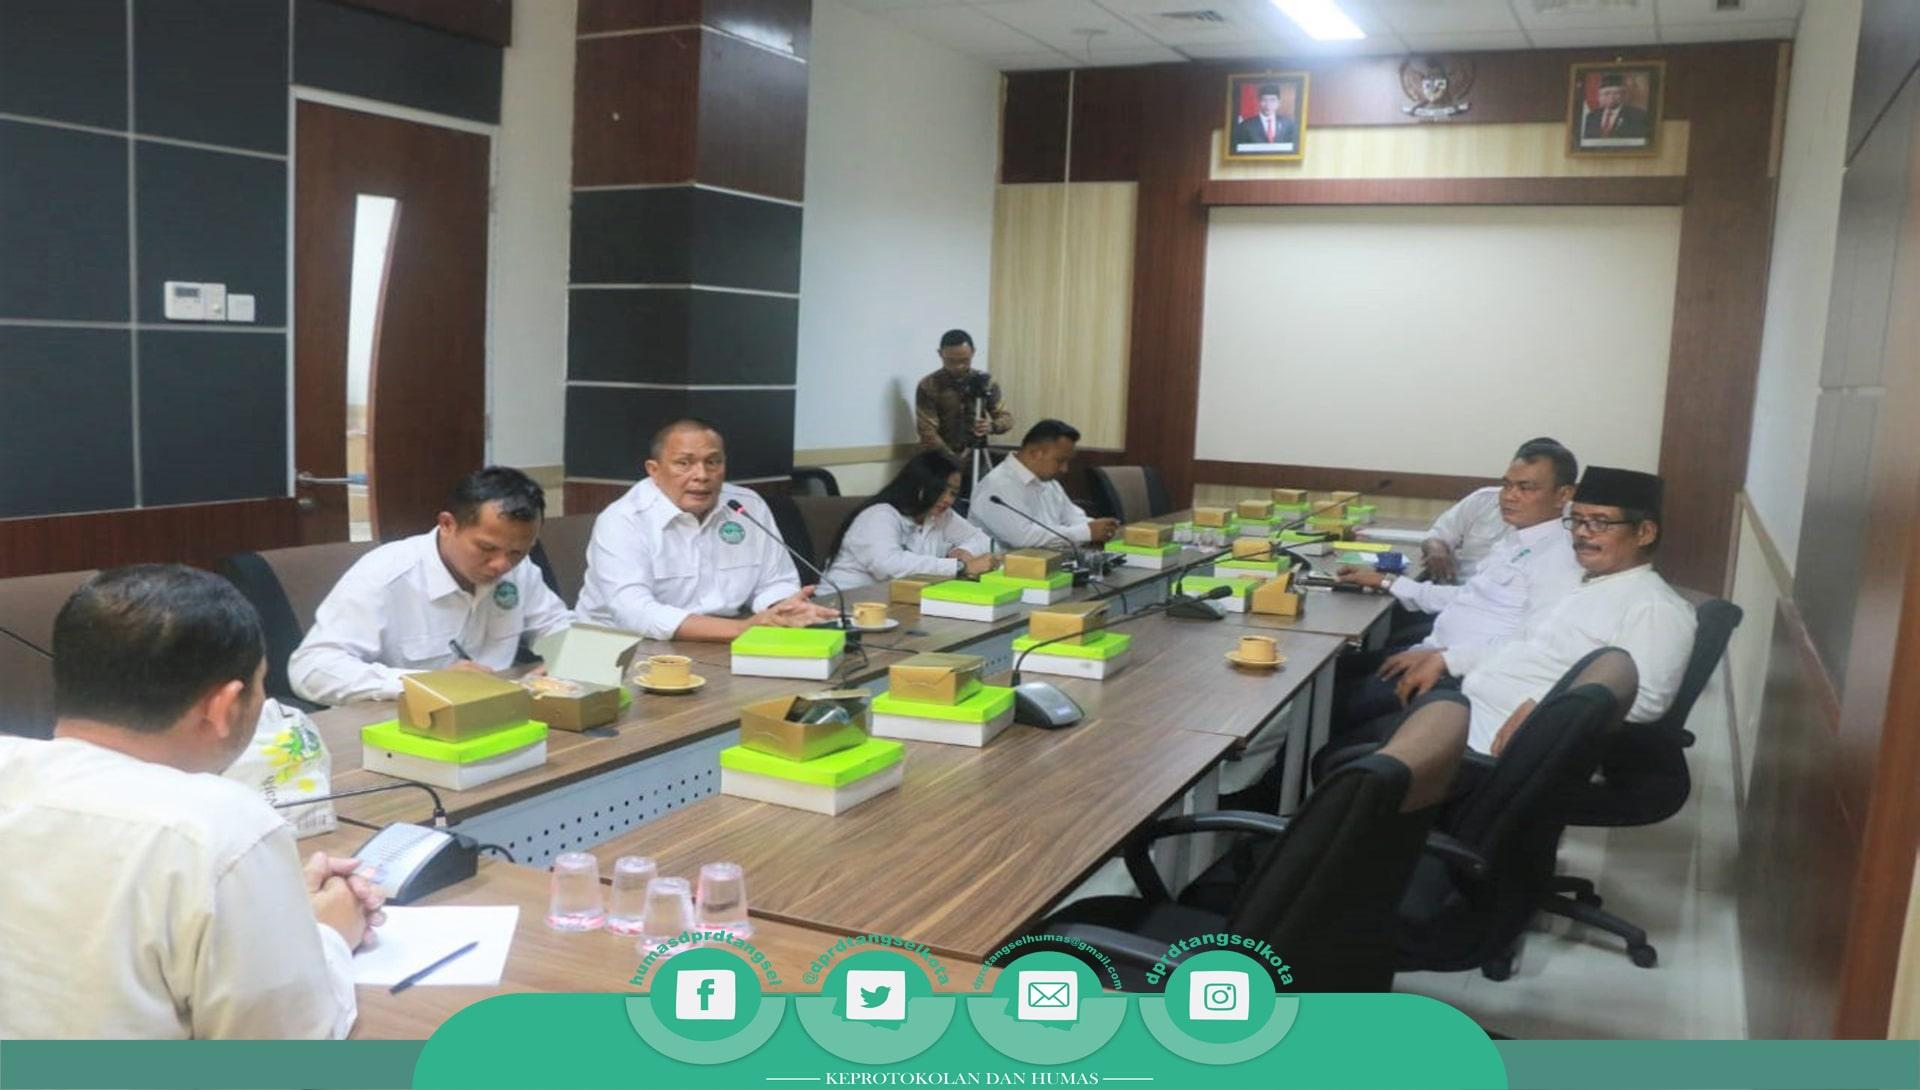 DPRD Kota Tangerang Selatan terima Audiensi dari FPK